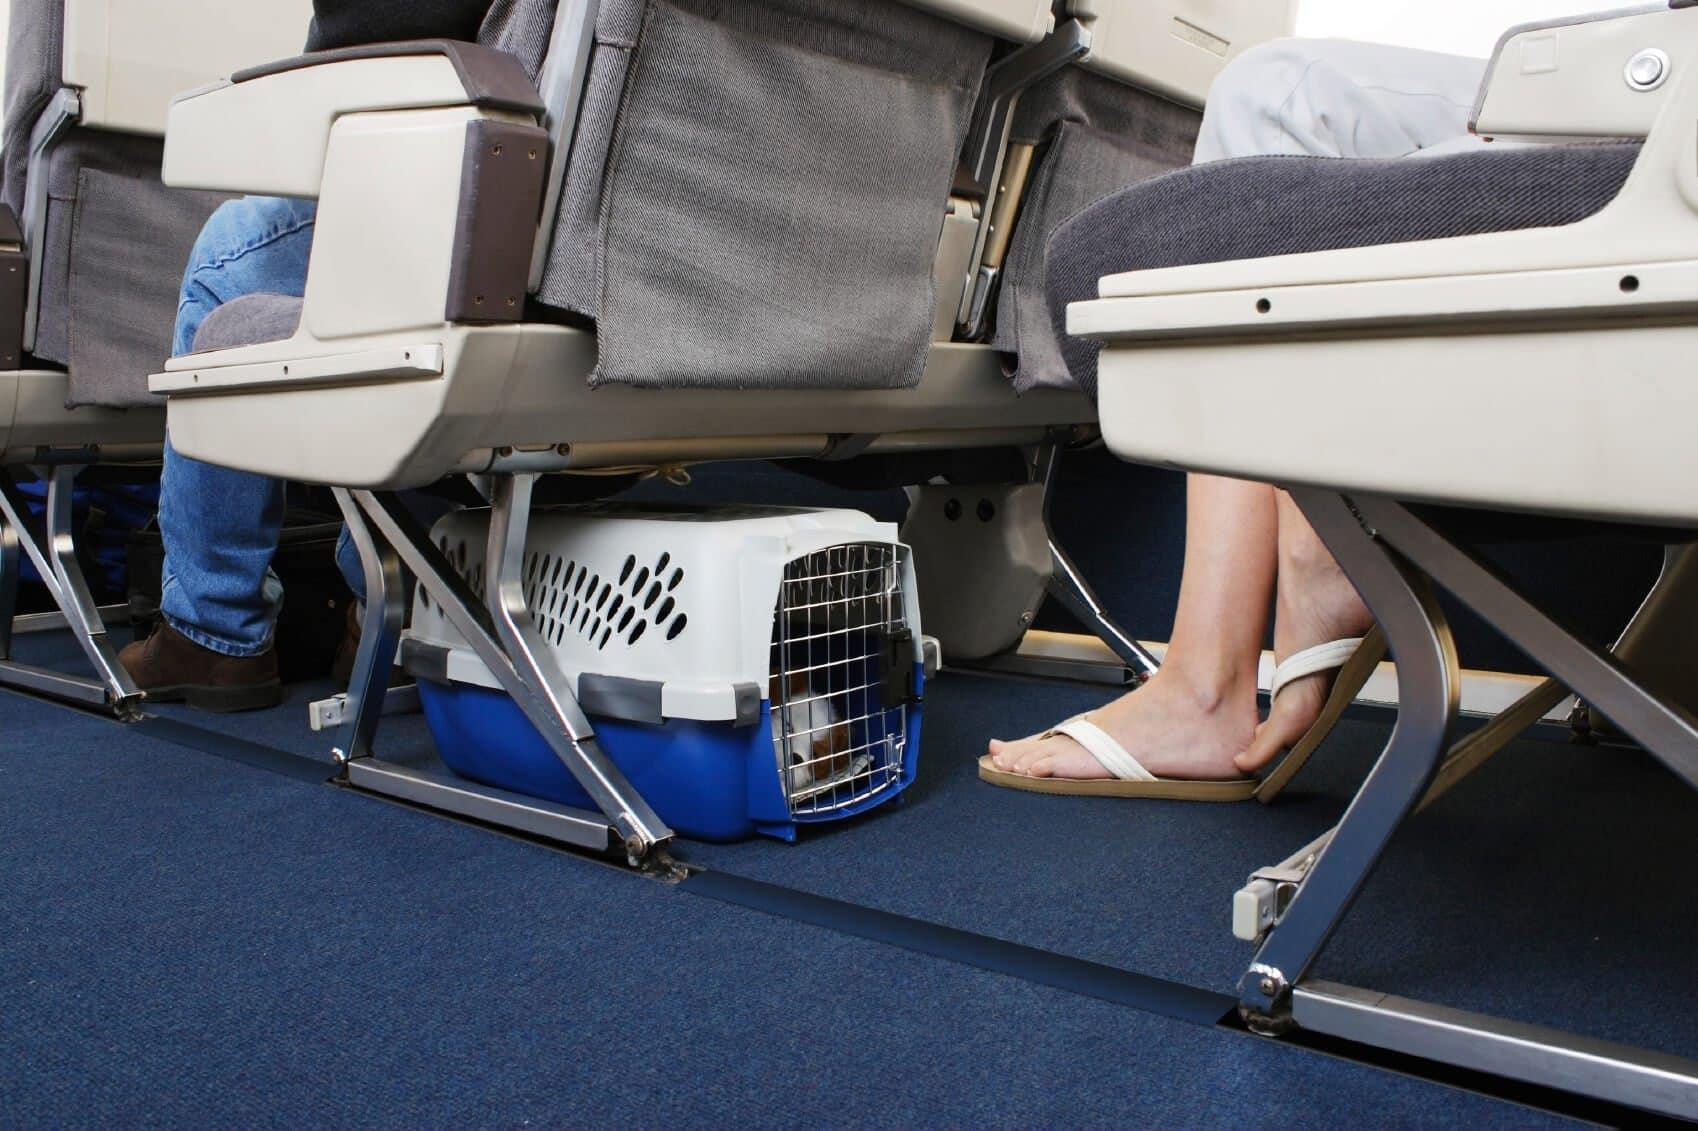 Авиакомпания S7 разрешила брать домашних животных в салон самолета